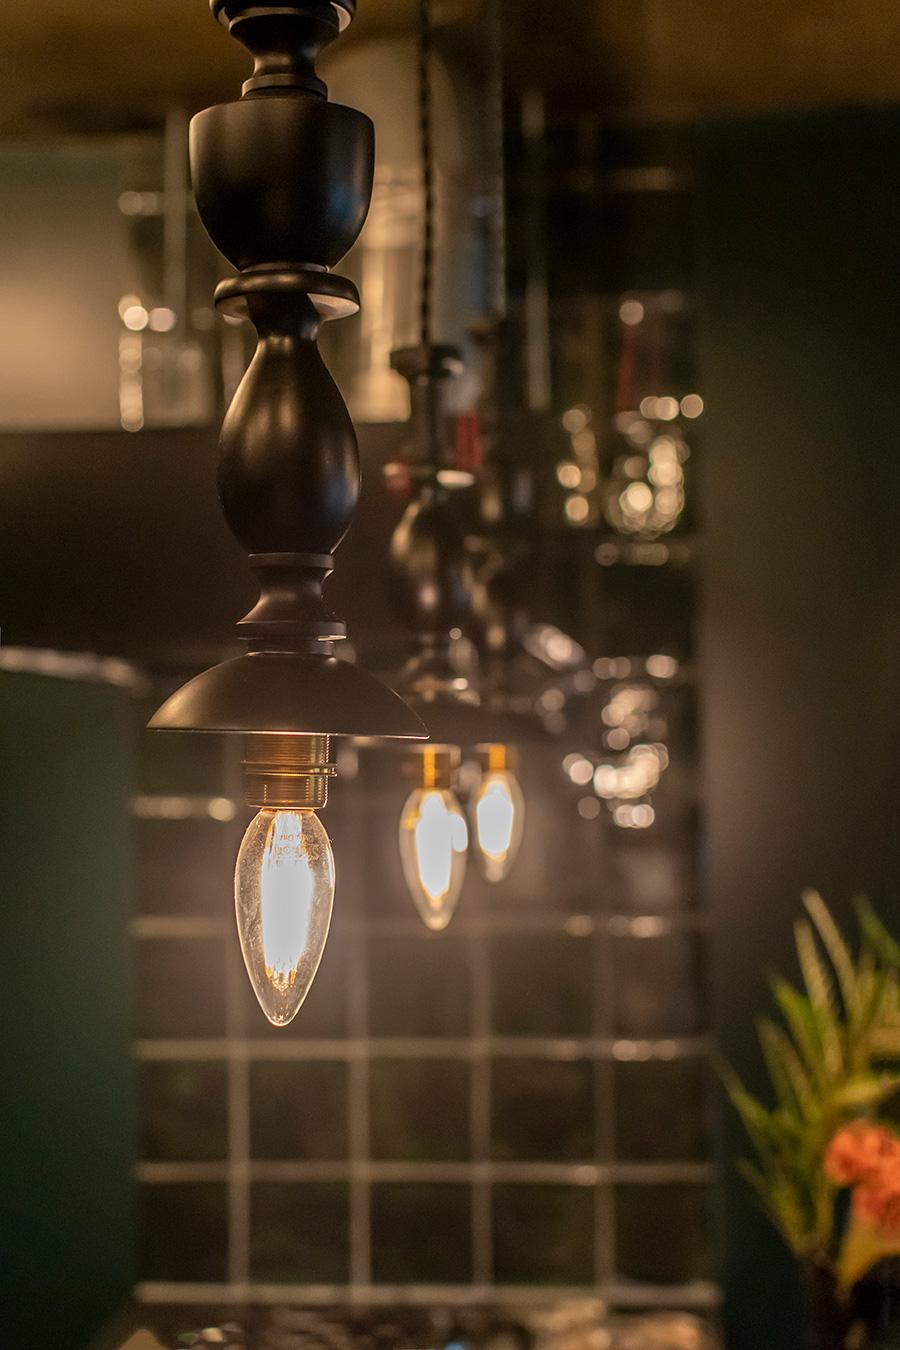 燭台を象った照明は「Orne de Feuilles」で購入。